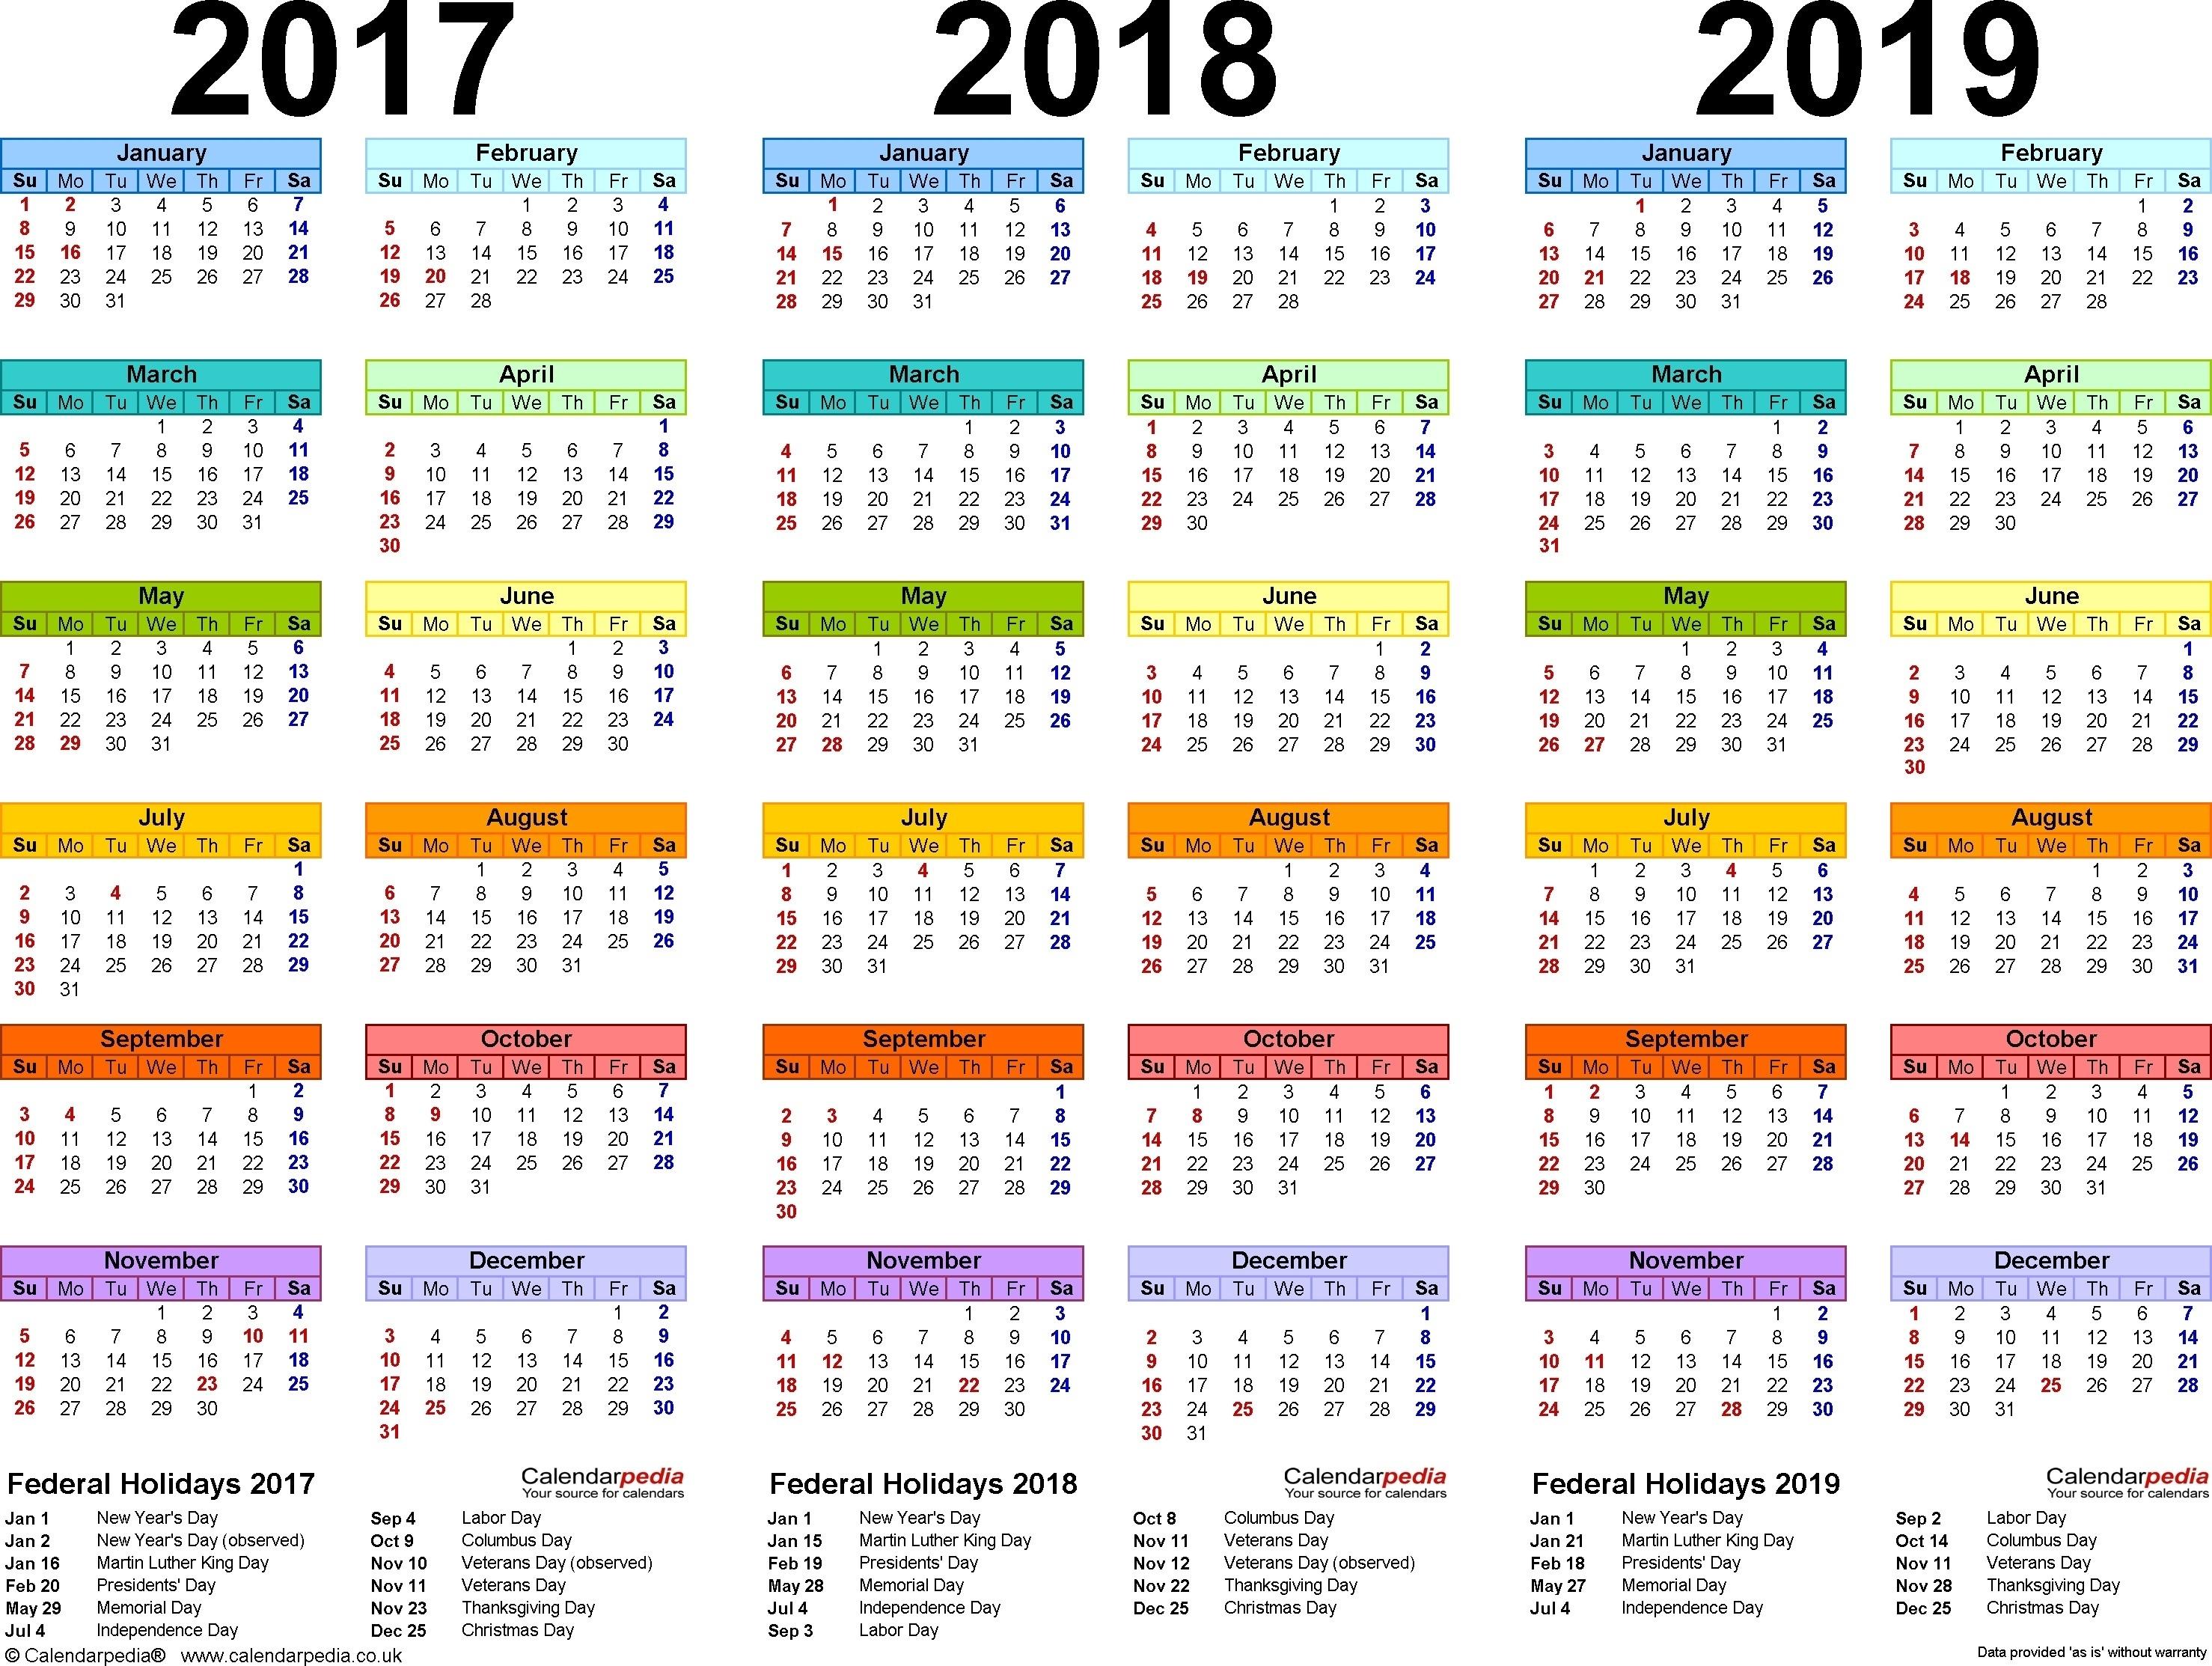 Depo Provera Calendar